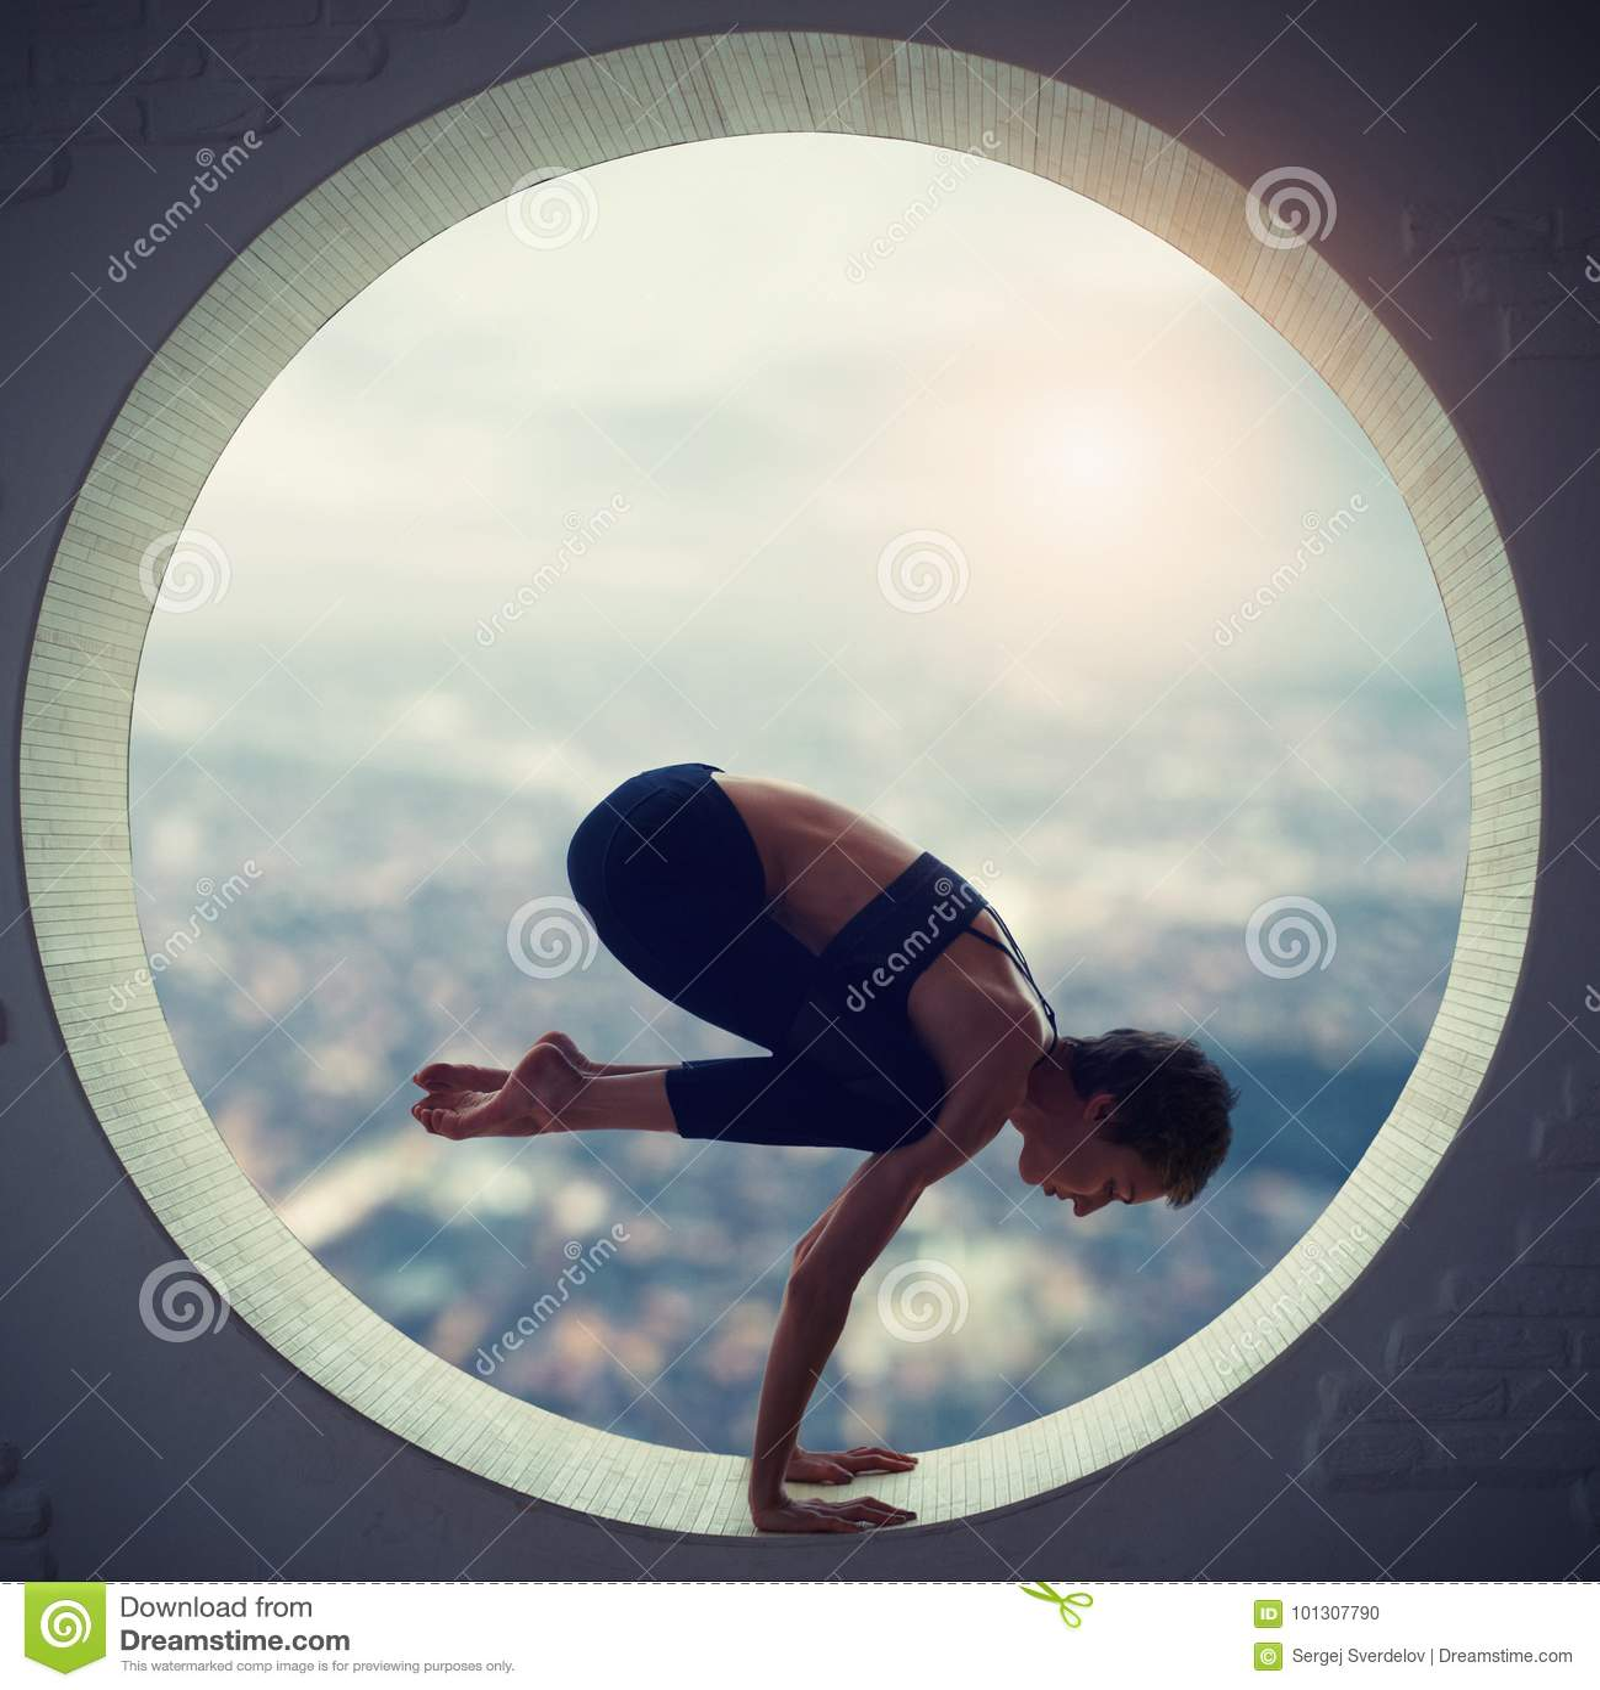 Den härliga sportiga passformyogikvinnan öva yogaasanaen Natarajasana - Lord Of The Dance poserar i ett runt fönster